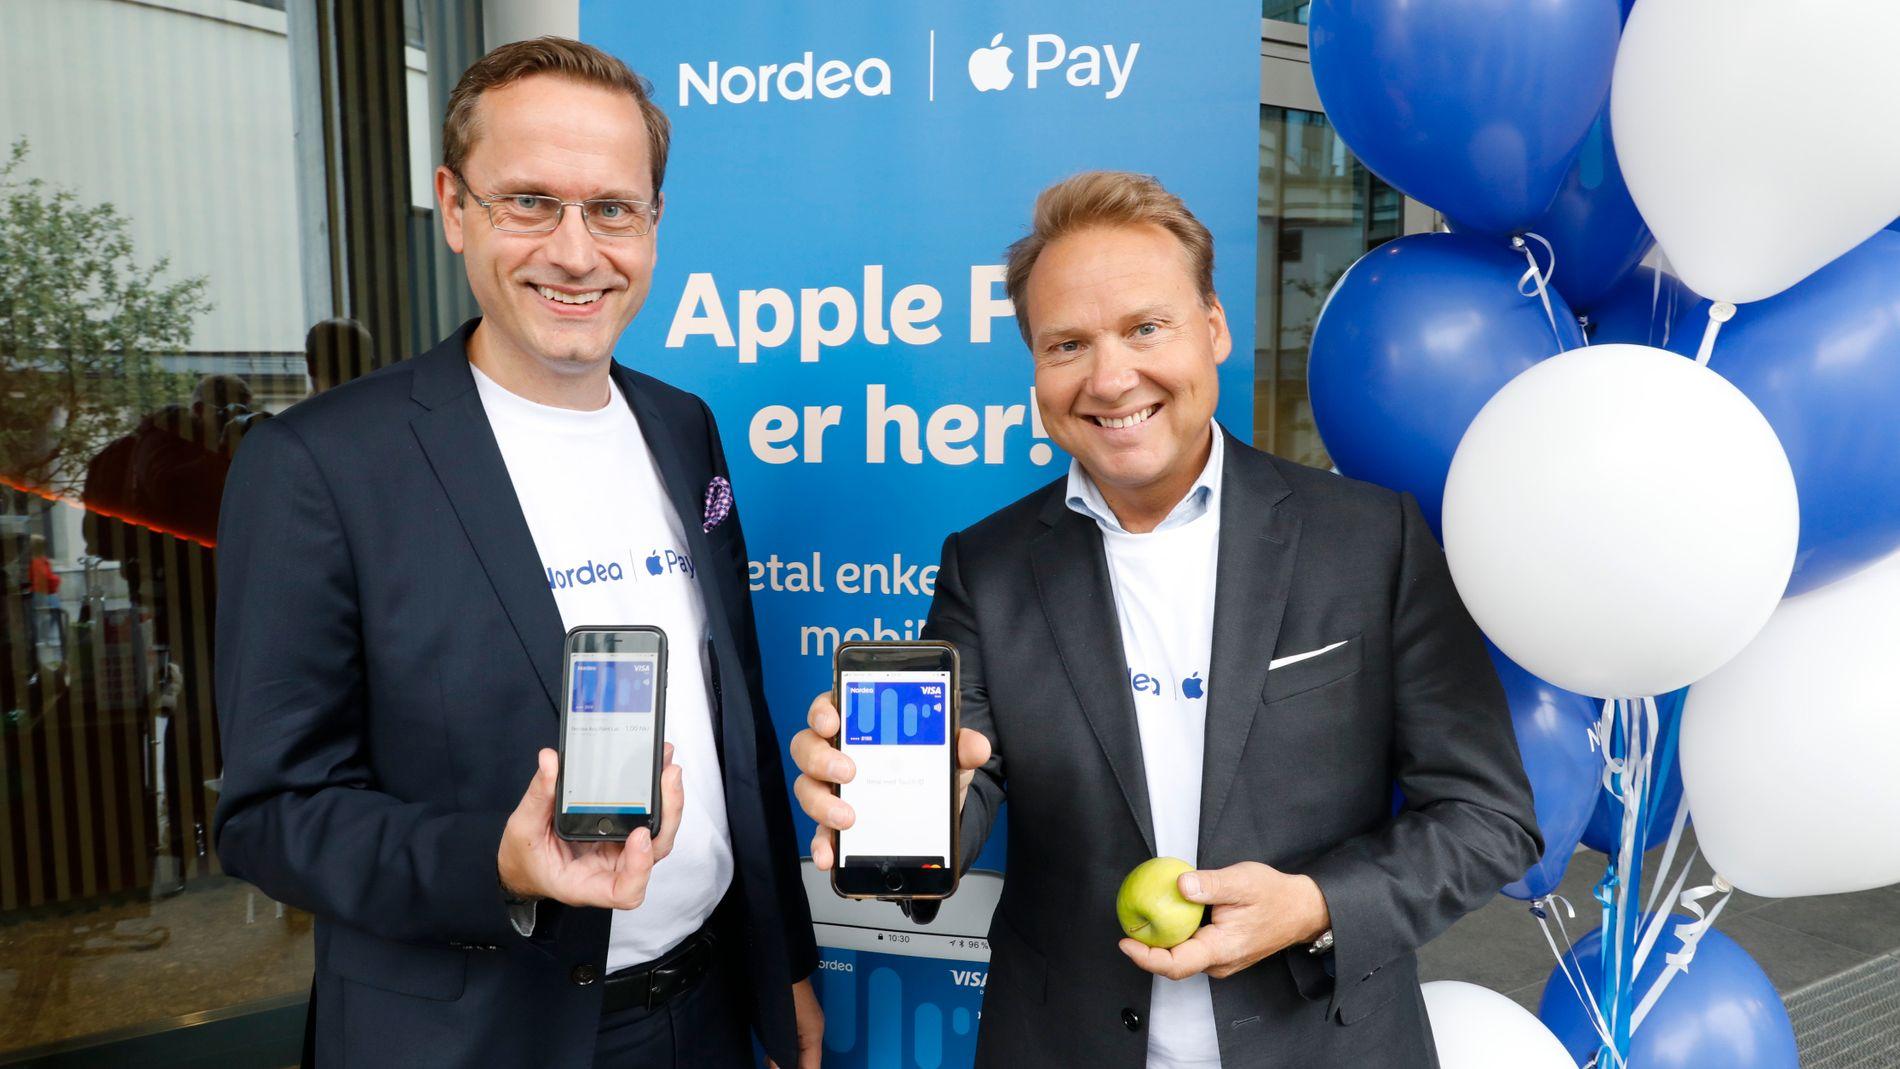 SPANDERTE KAFFE: Snorre Storset, administrerende direktør i Nordea Norge og John Sætre, leder for privatmarkedet i banken, spanderte onsdag kaffe til én krone utenfor kontoret på Colosseum i Oslo for å vise frem Apple Pay.